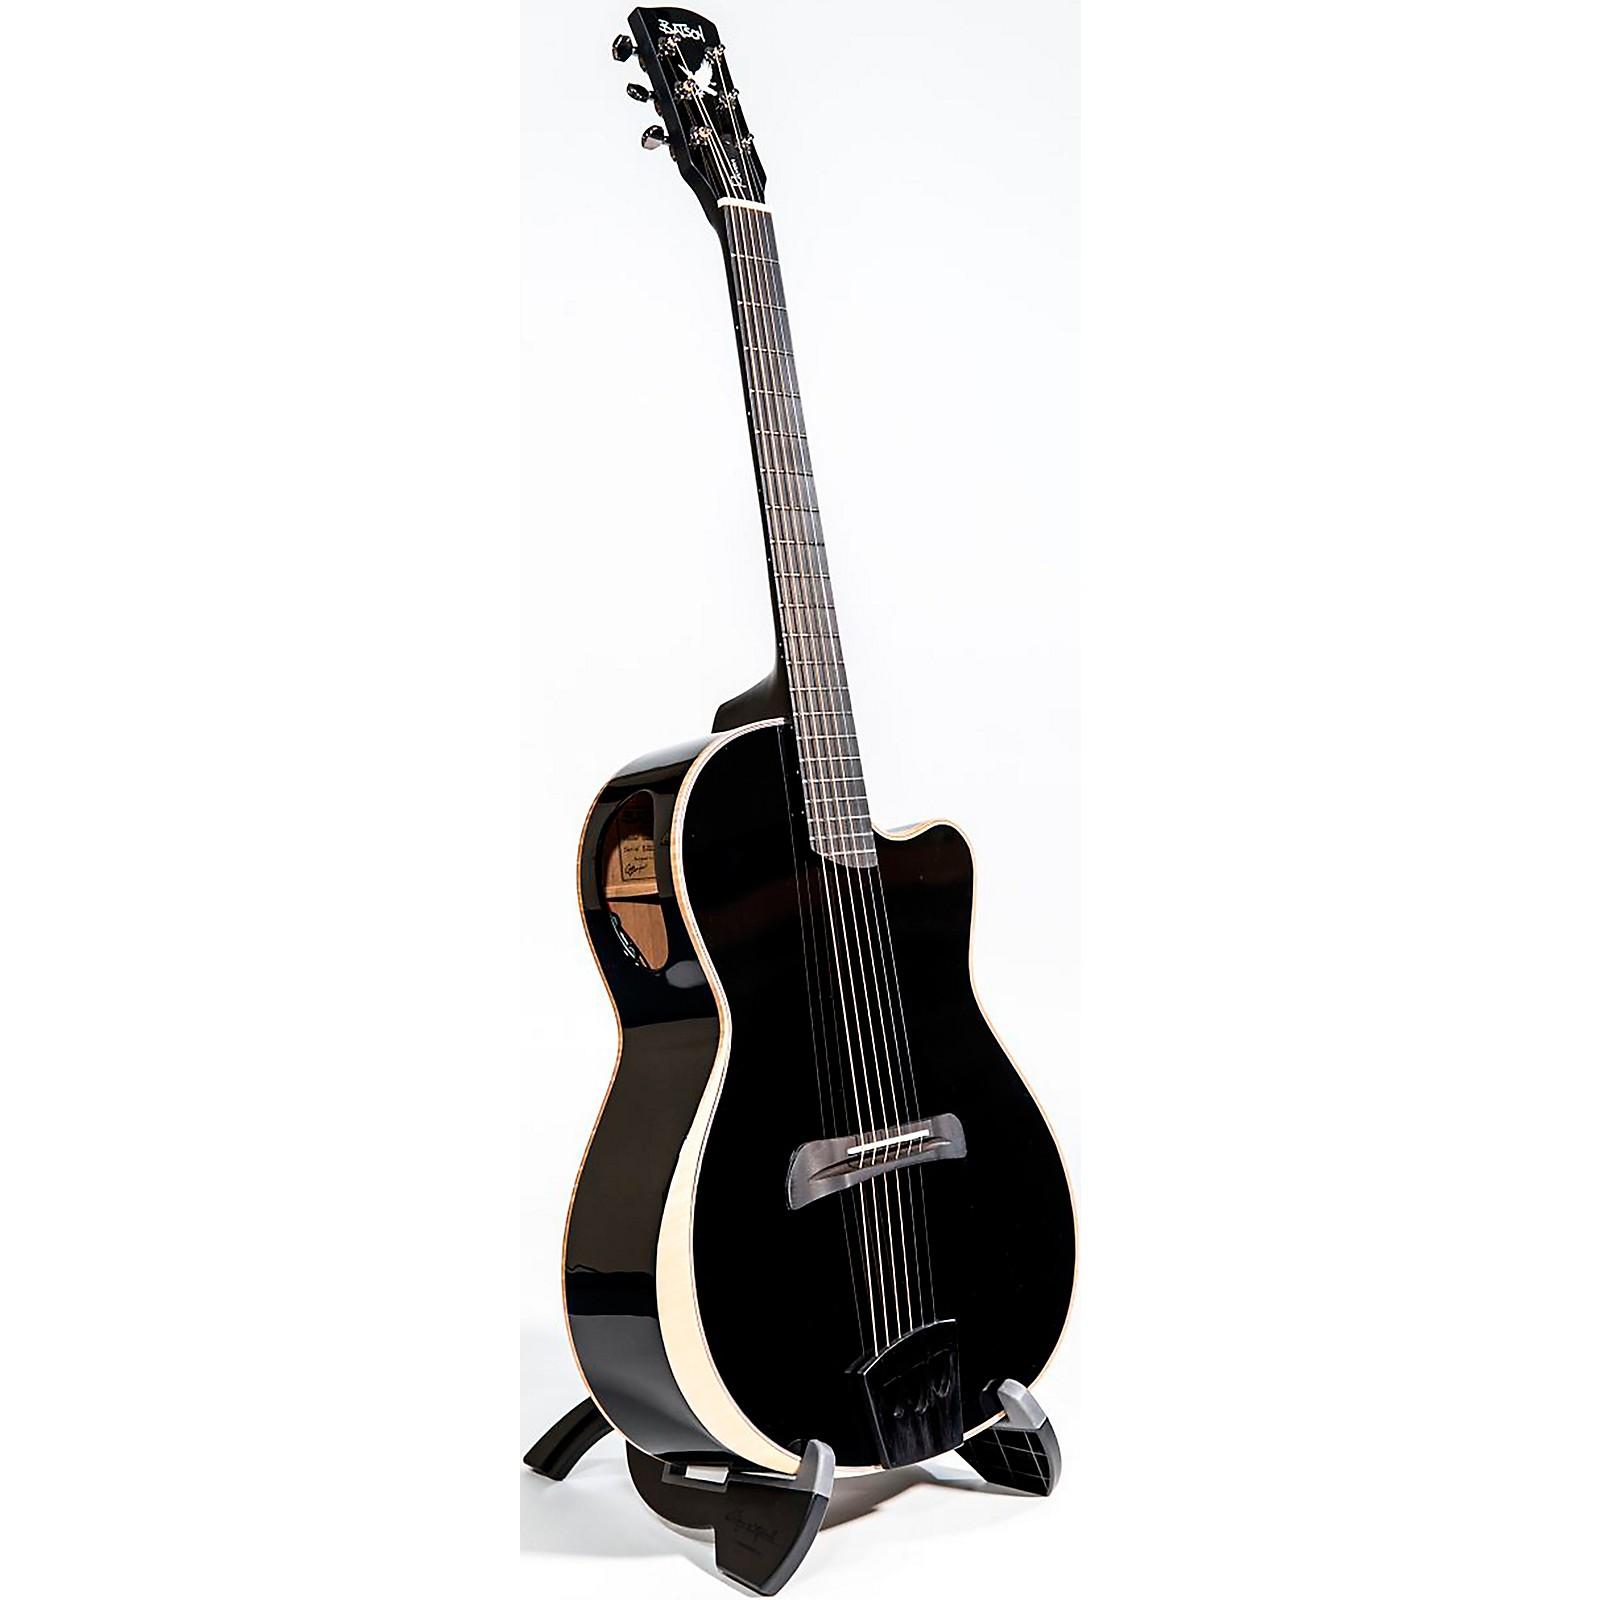 Batson Guitars Raven Acoustic-Electric Guitar